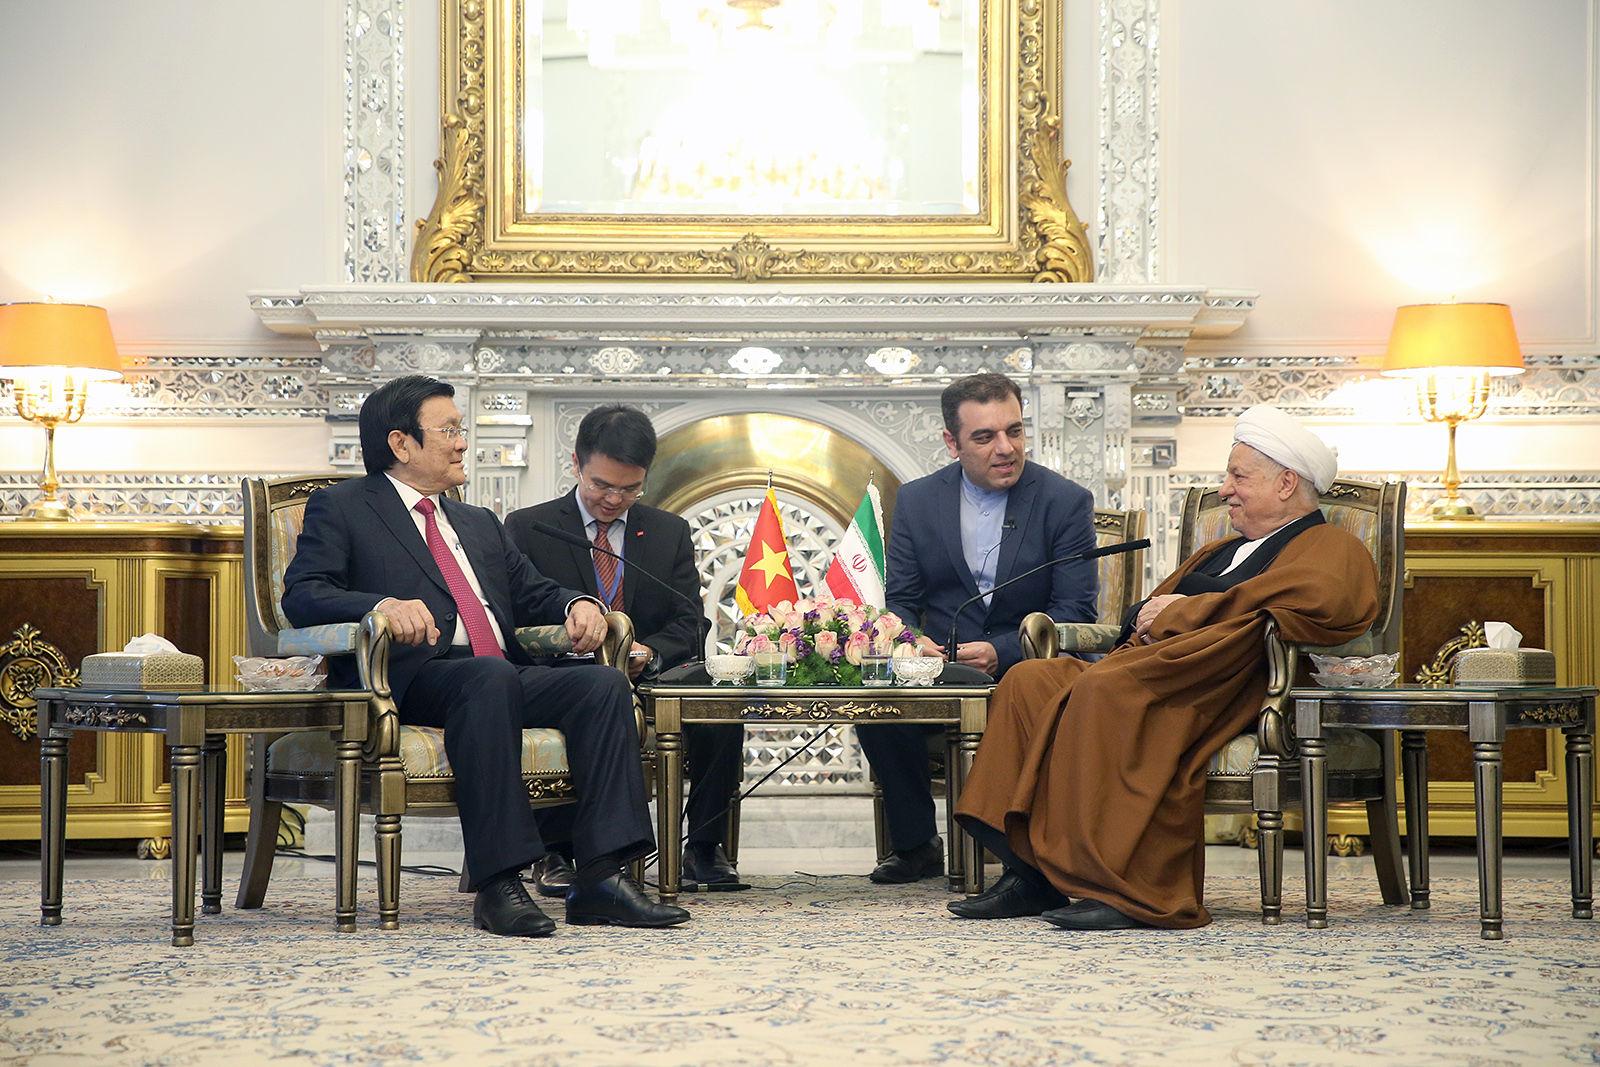 امید سالاری تربت جام دعوت دوست خارجی به اصفهان